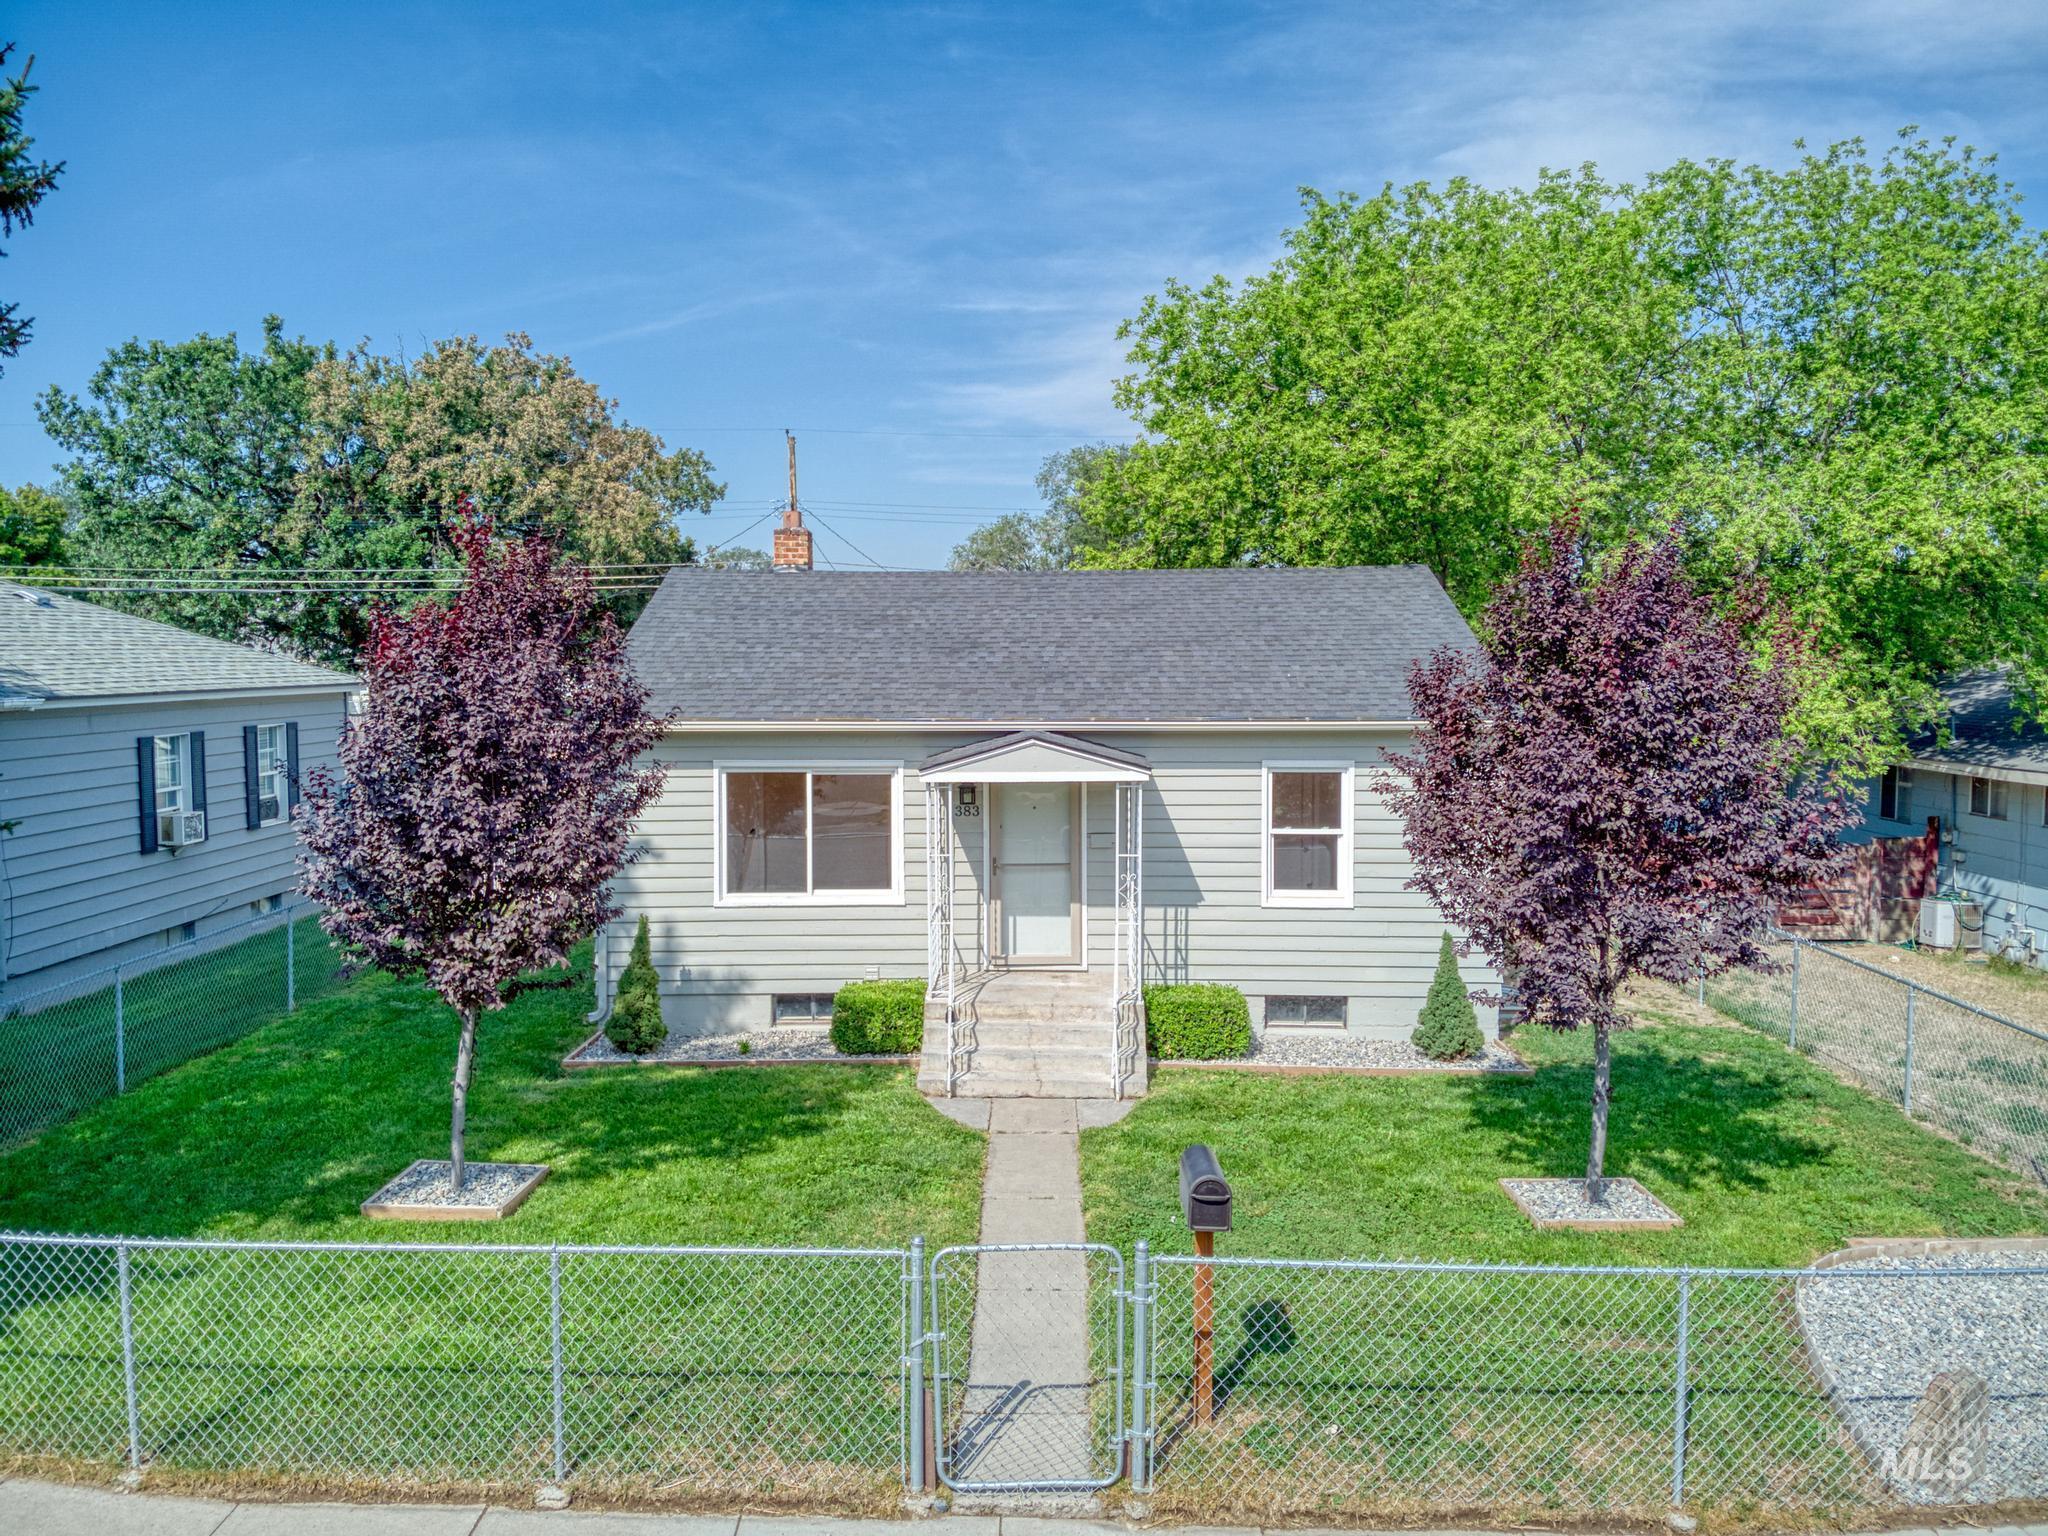 383 Madison St Property Photo 1